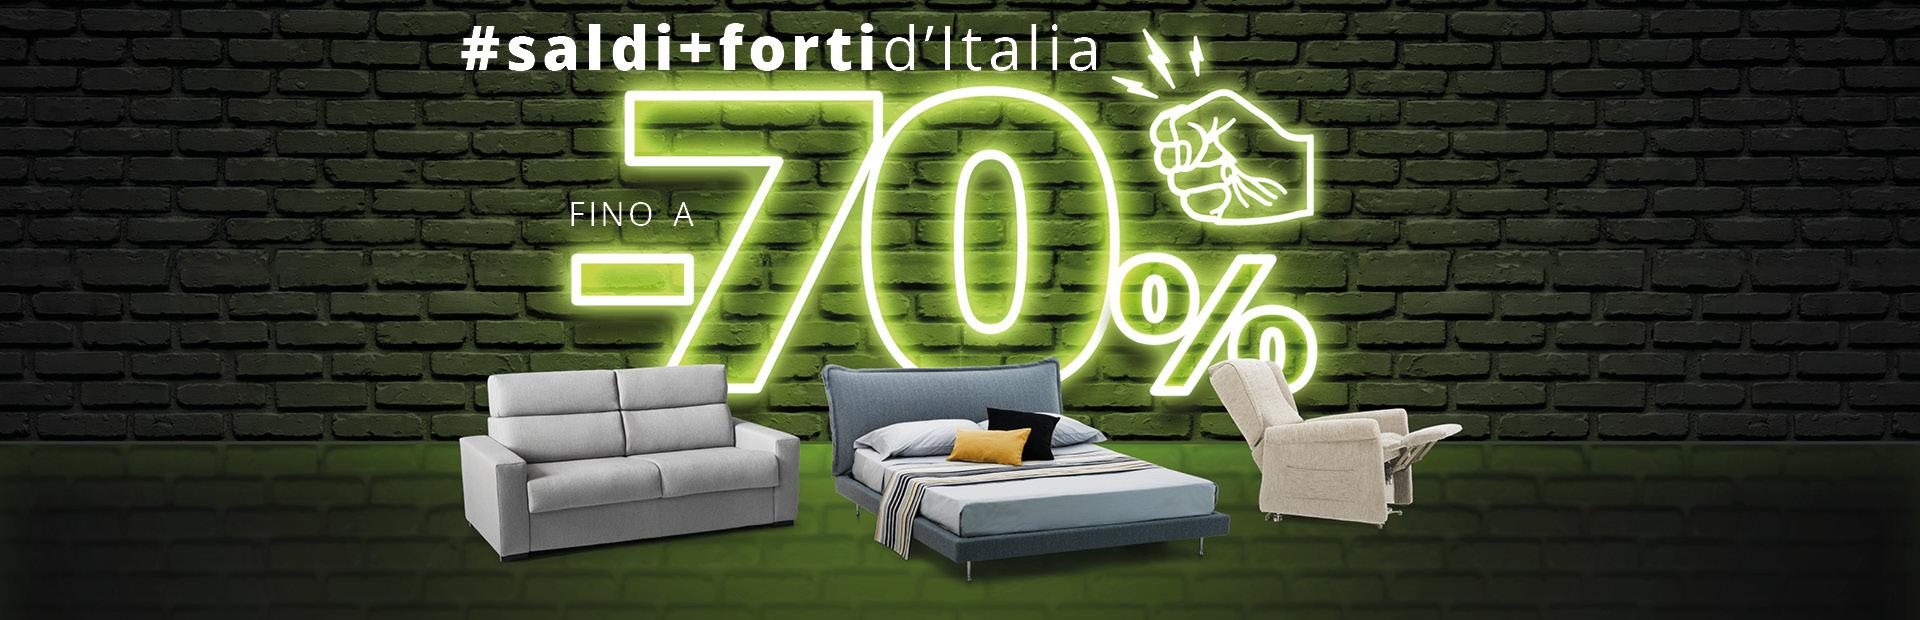 Outlet Dell Arredamento Torino.Vendita Di Divani Divani Letto Poltrone E Pouf Outlet Outlet